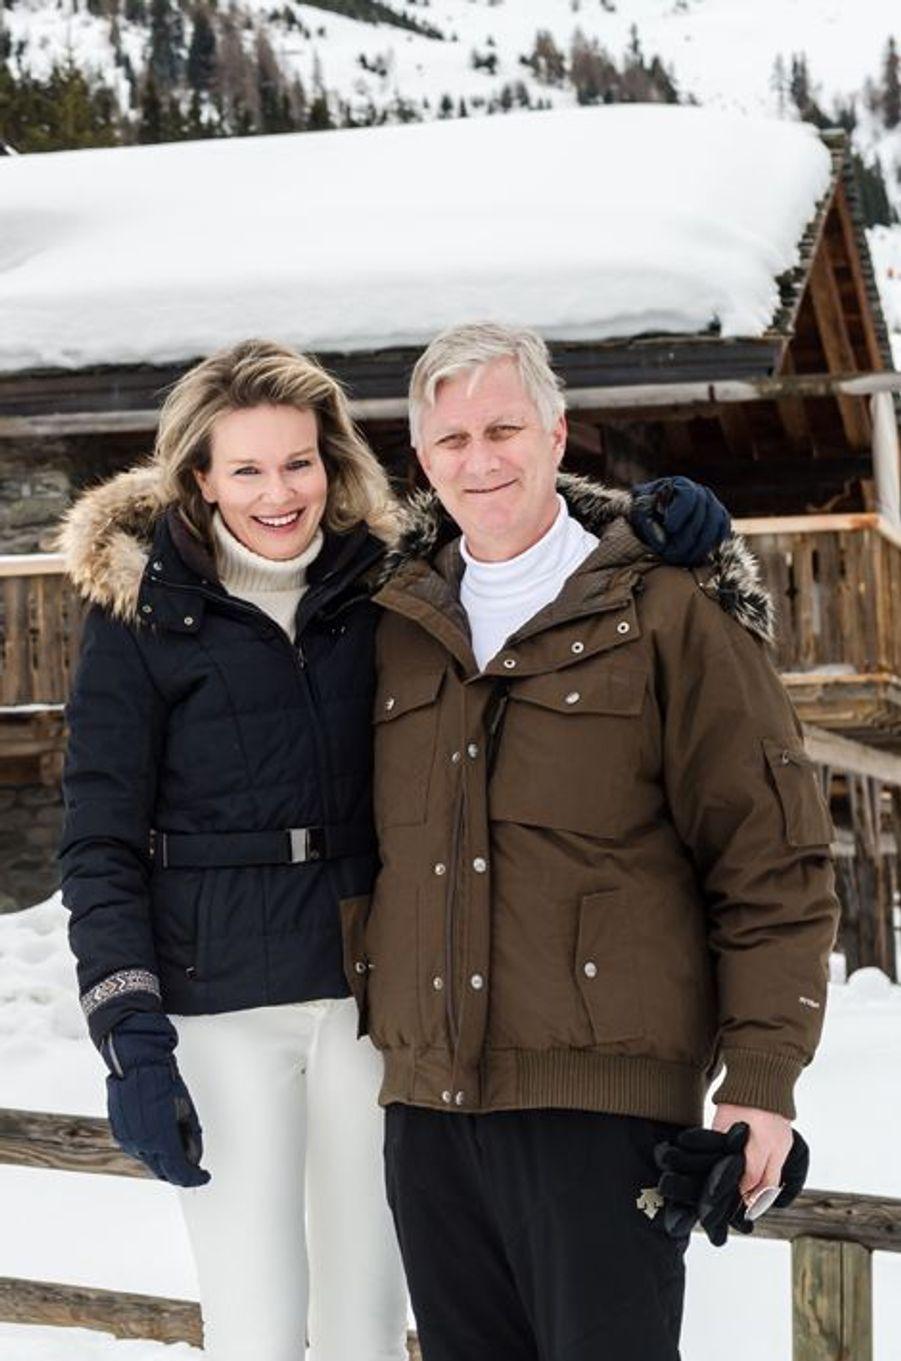 La reine Mathilde et le roi Philippe de Belgique à Verbier, le 8 février 2016